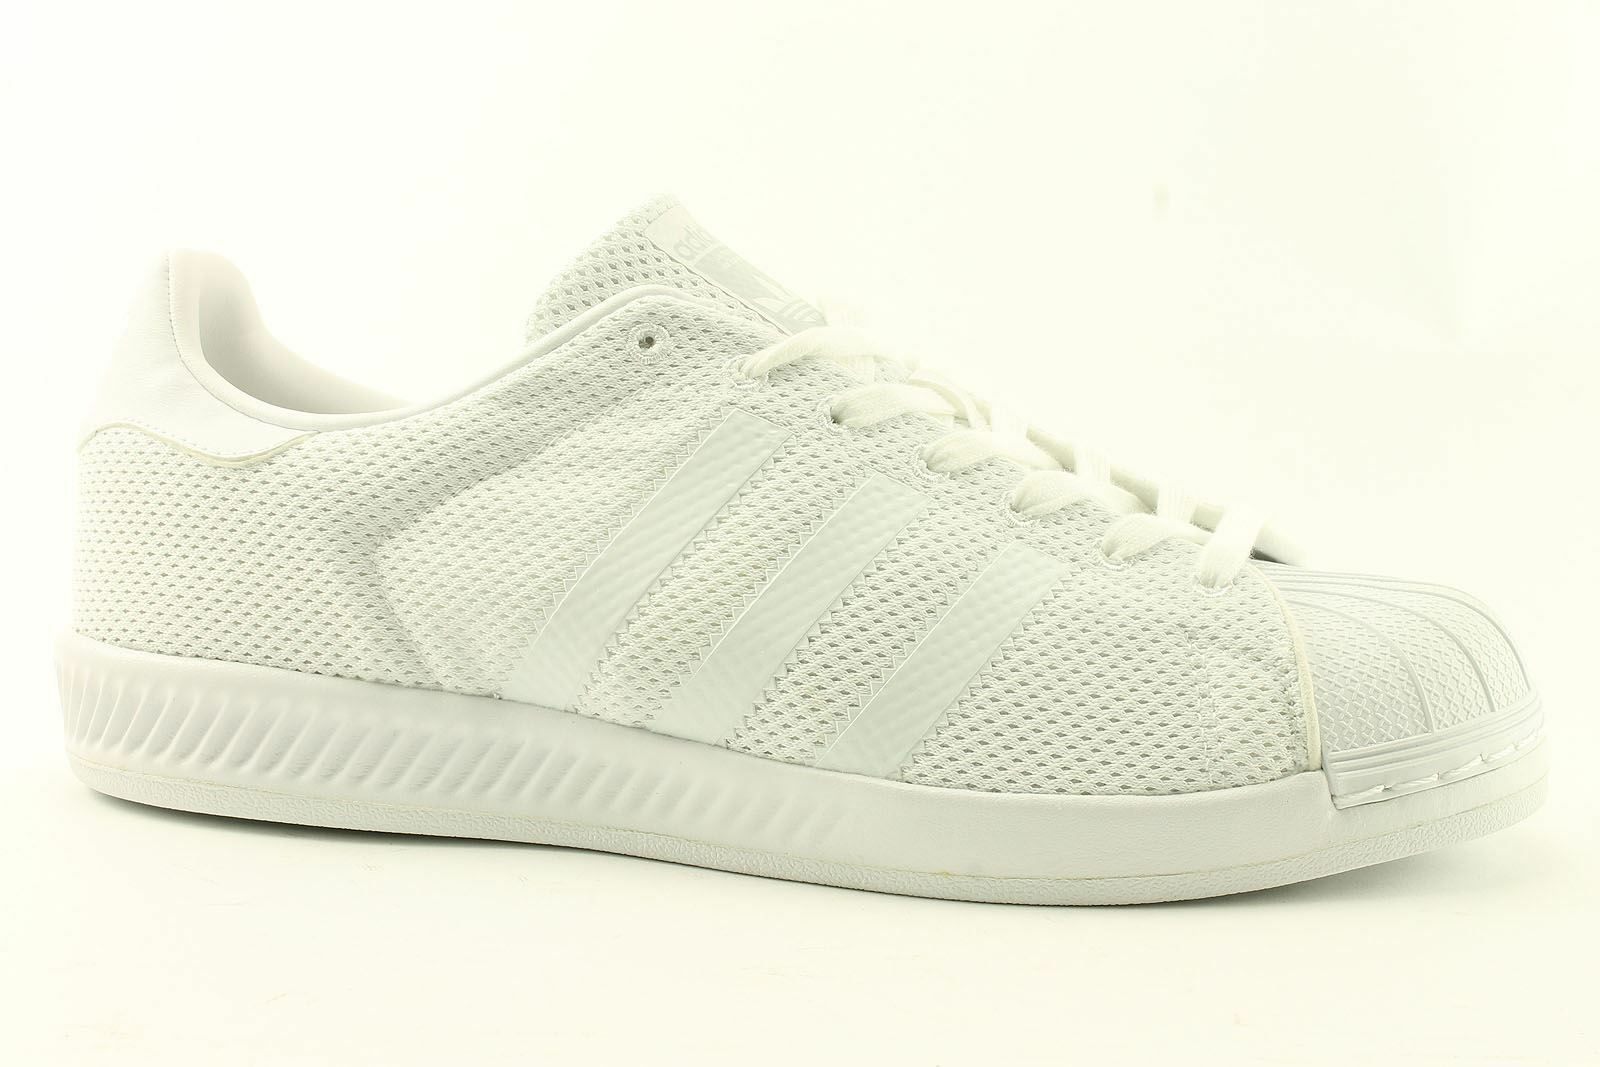 Zapatillas para hombre Adidas Superstar rebote S82236 ~ ~ S82236 Originals ~ Reino Unido sólo 3.5 a 11.5 4989dd